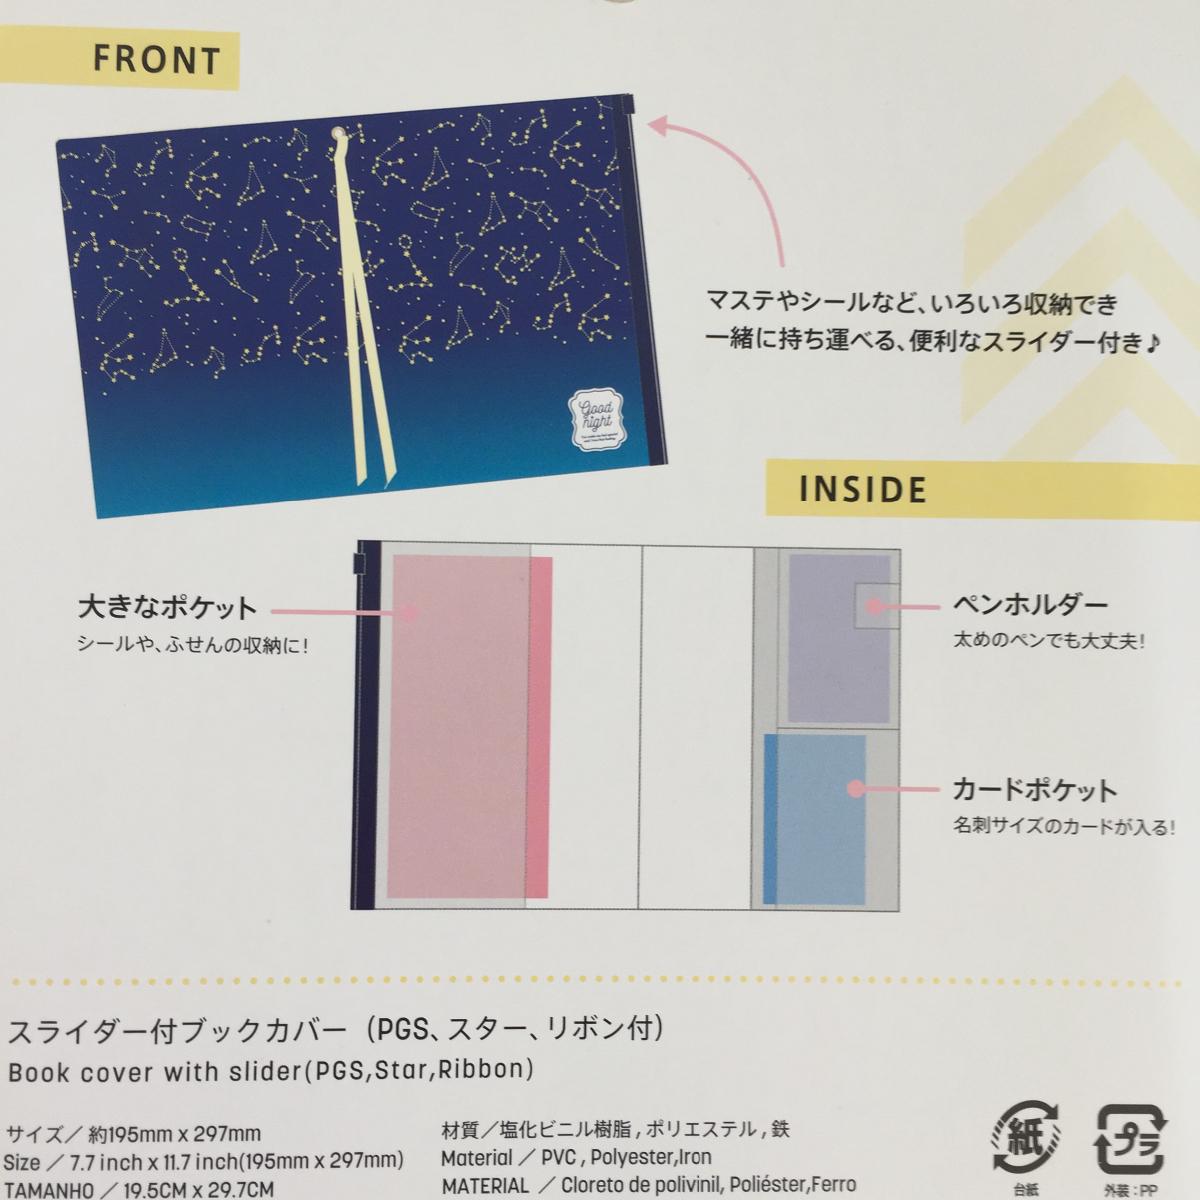 ブック カバー ダイソー ダイソーのタブレットケースが人気!使いやすさのポイント&おすすめ商品